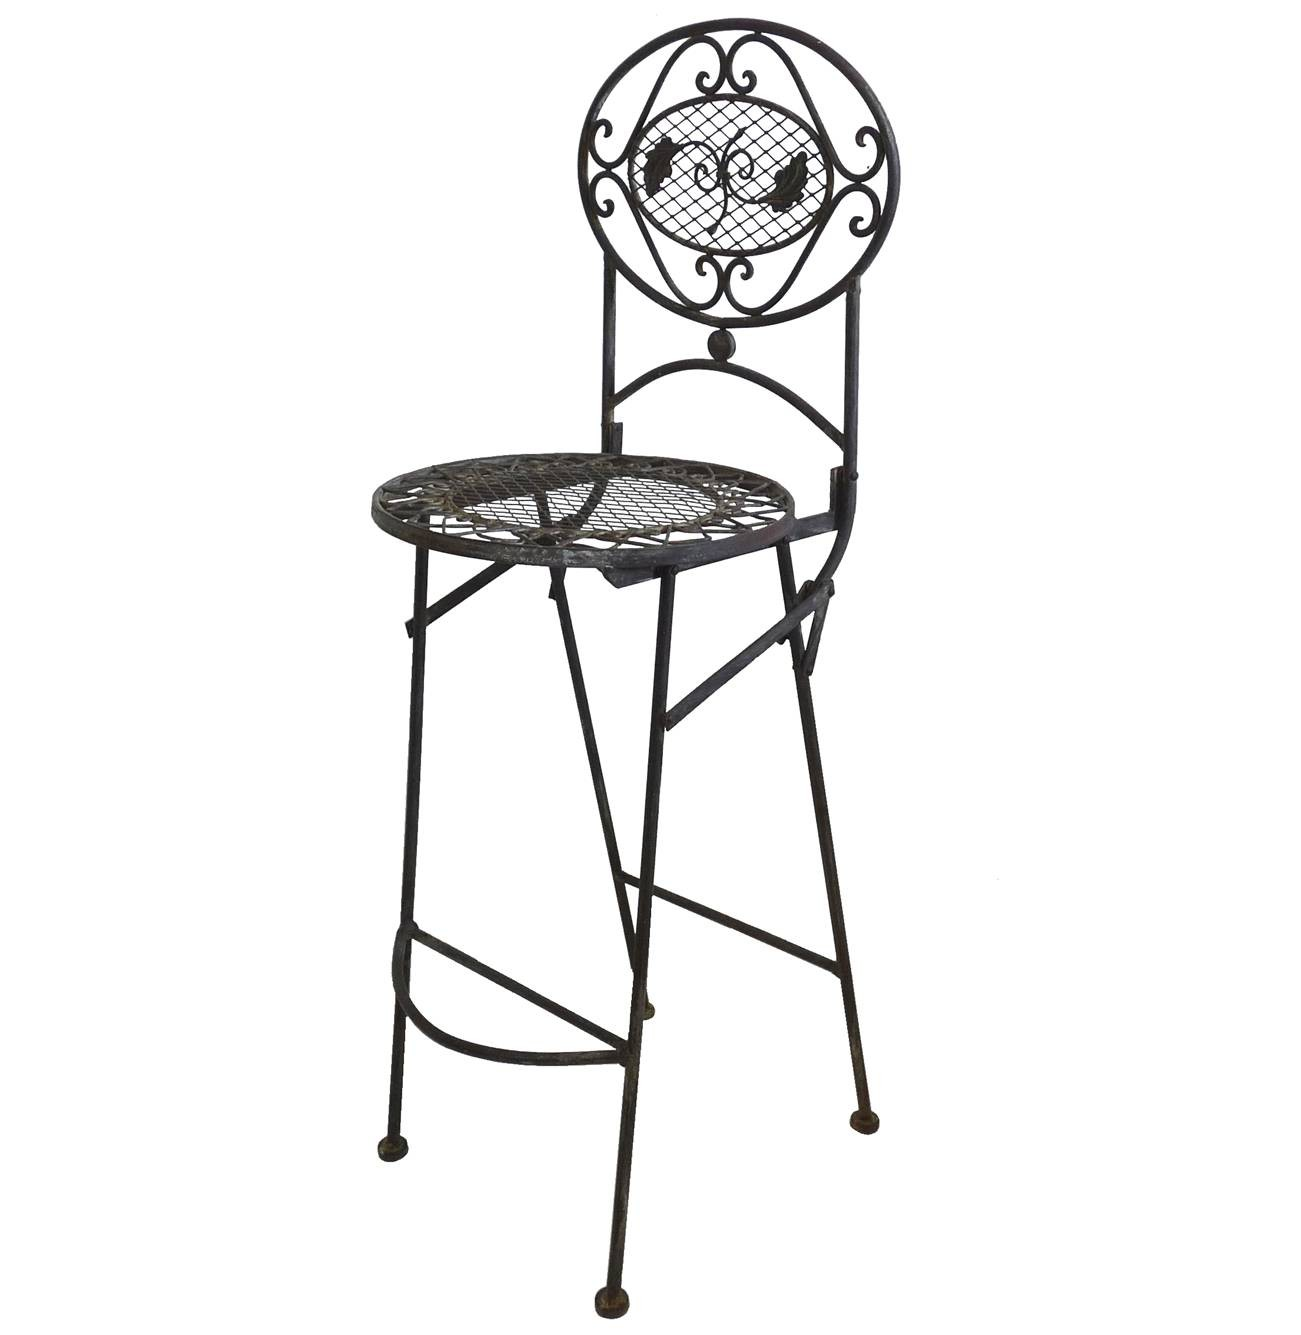 Chaise Haute Pliante Fauteuil De Bar Pliable Ou Pour Ilot Central En Fer Forg Marron 67x72x115cm